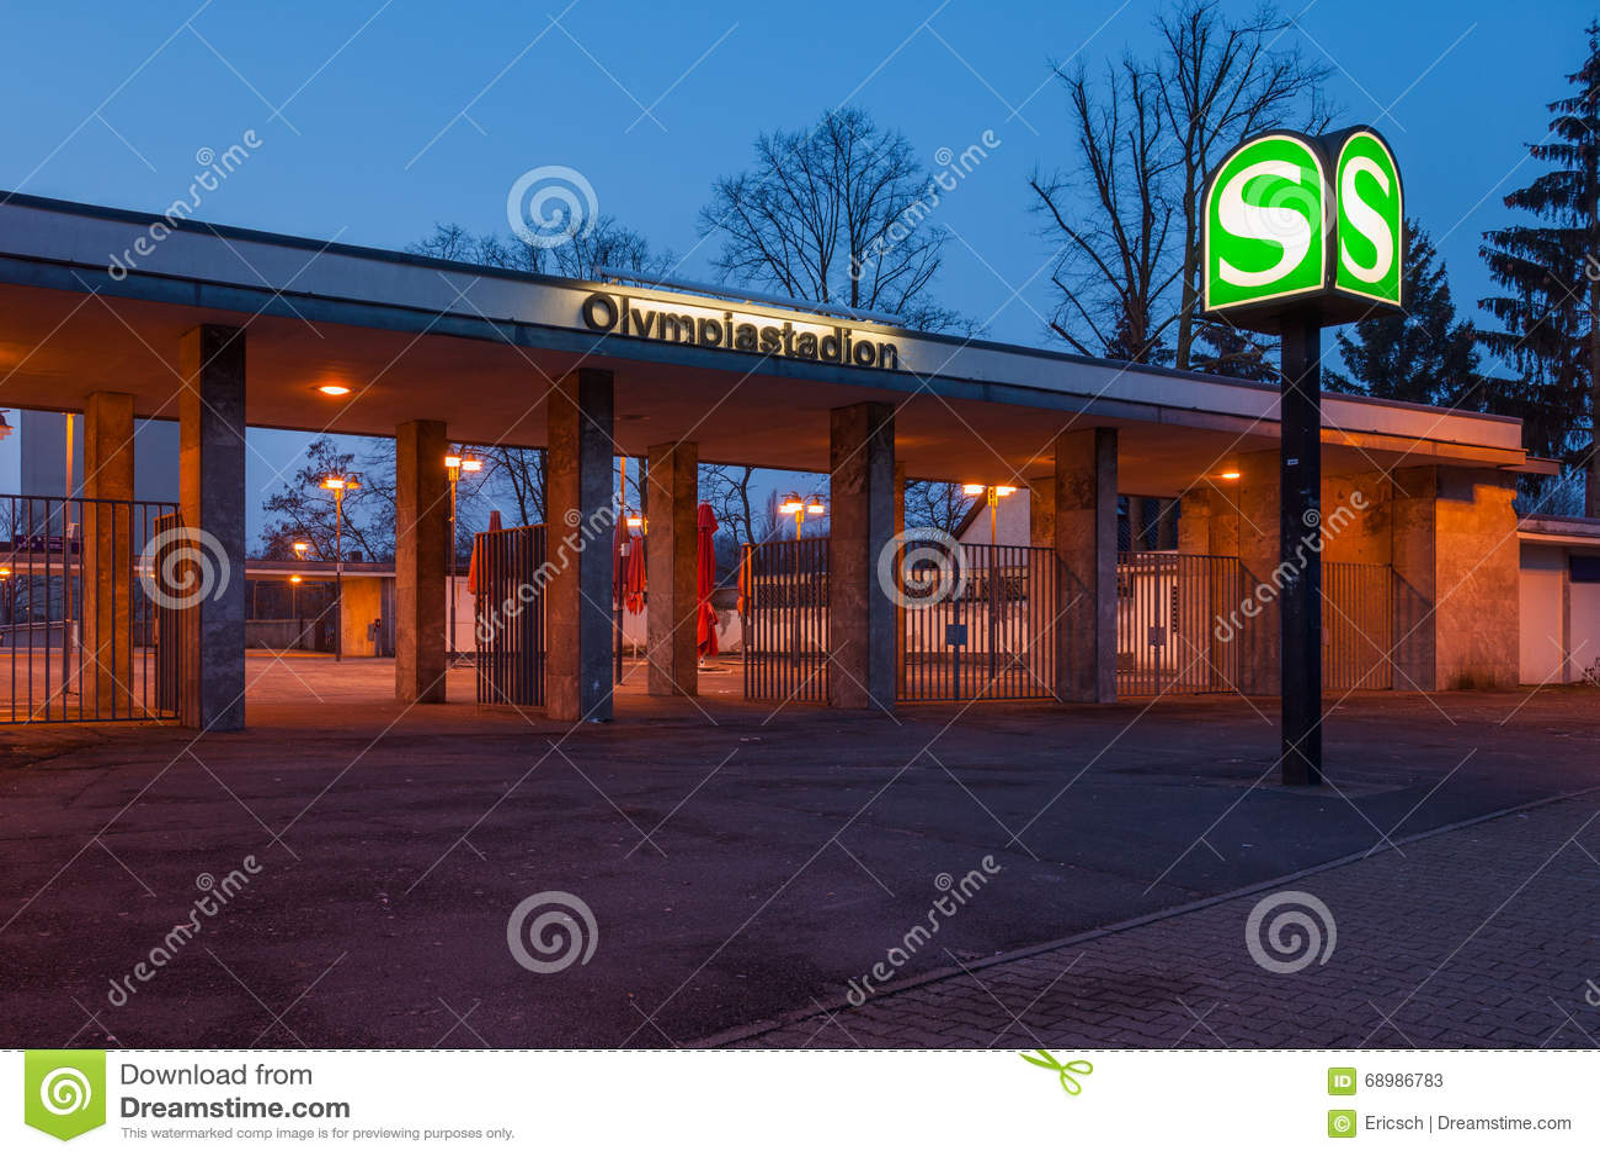 Station de Berlin Olympiastadion